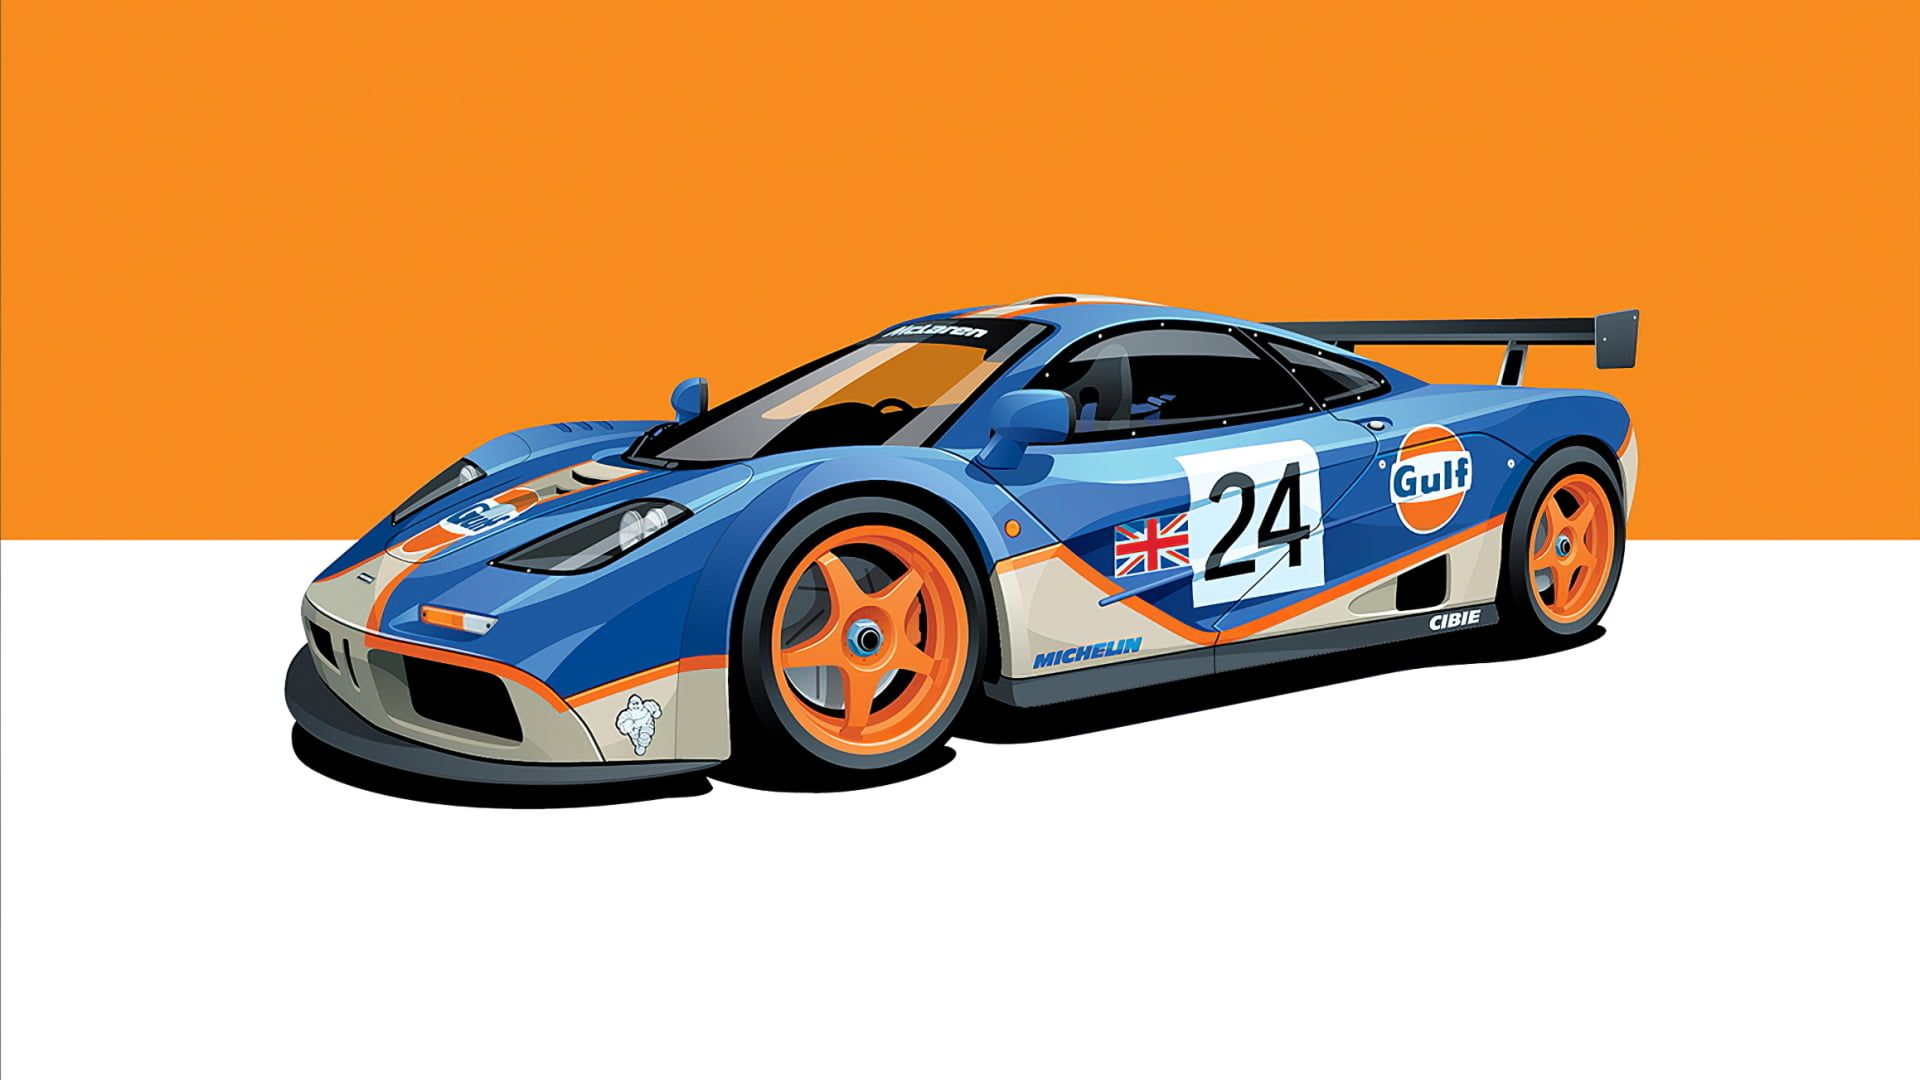 Poster Race Cars Mclaren F1 Gtr Le Mans Gulf 1080p Wallpaper Hdwallpaper Desktop Racing Race Cars Mclaren F1